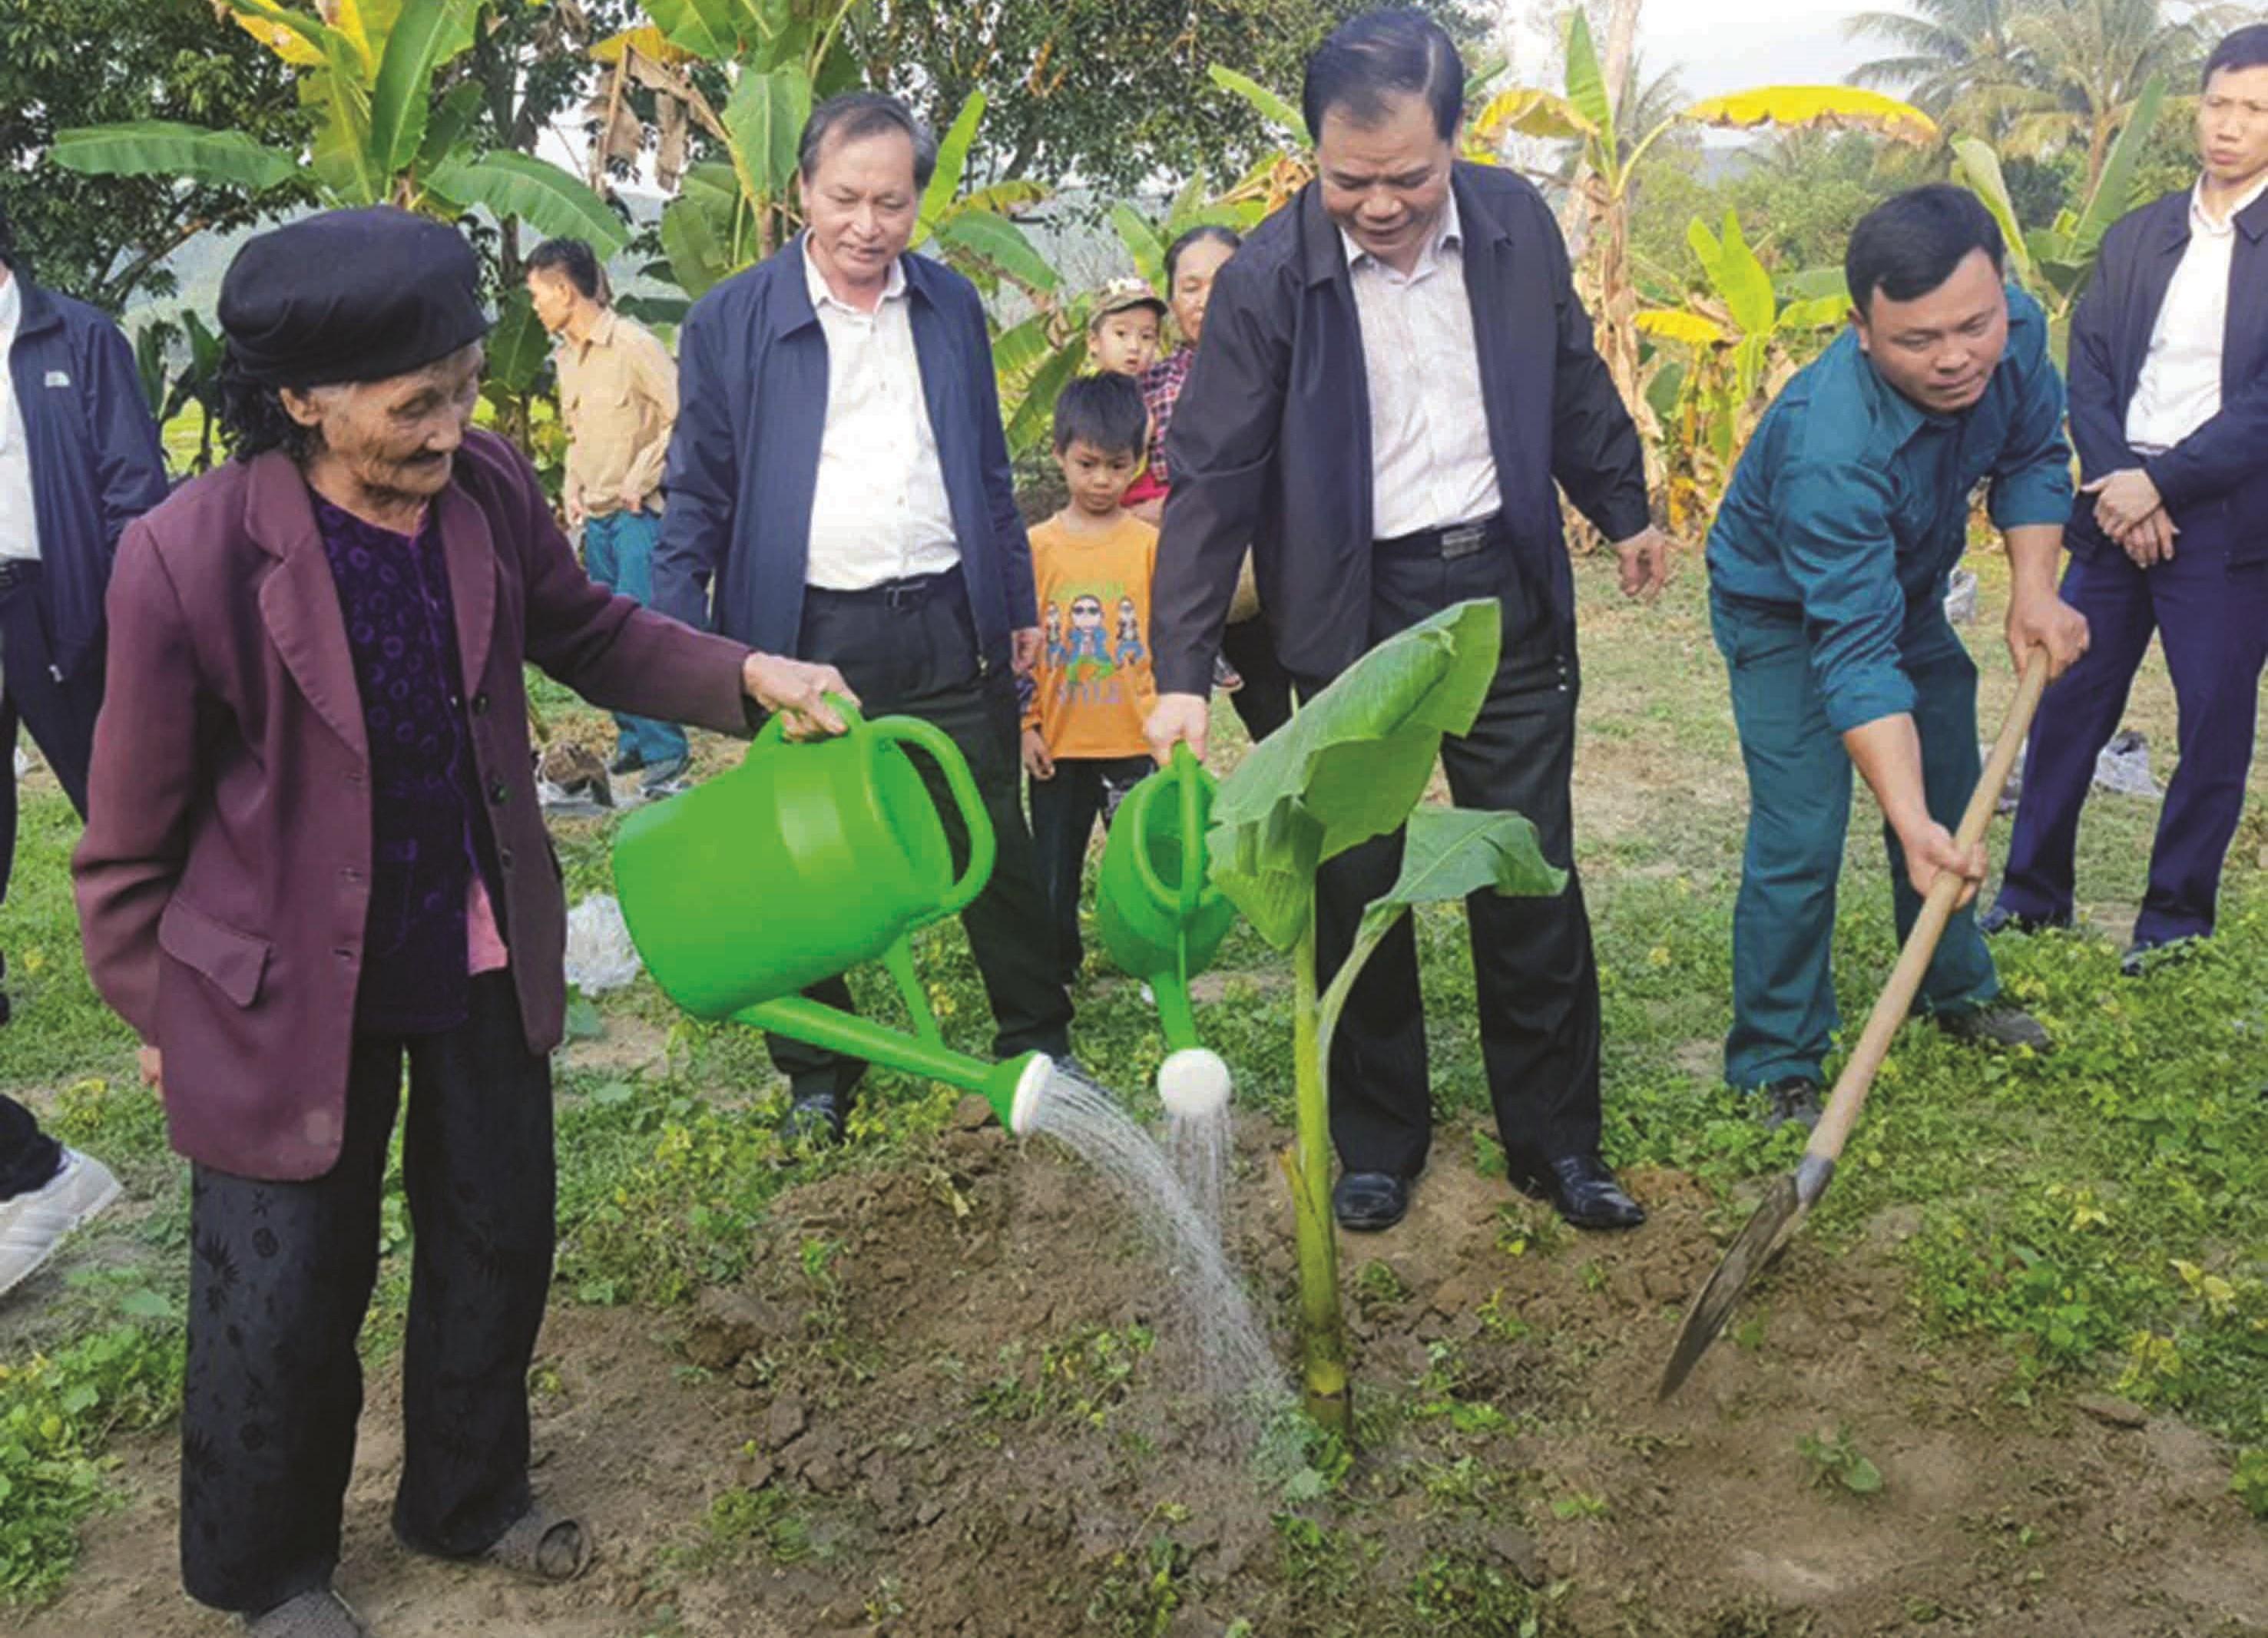 Bộ trưởng Nguyễn Xuân Cường thăm thôn NTM kiểu mẫu Xuân Lập ngày 15/1/2020